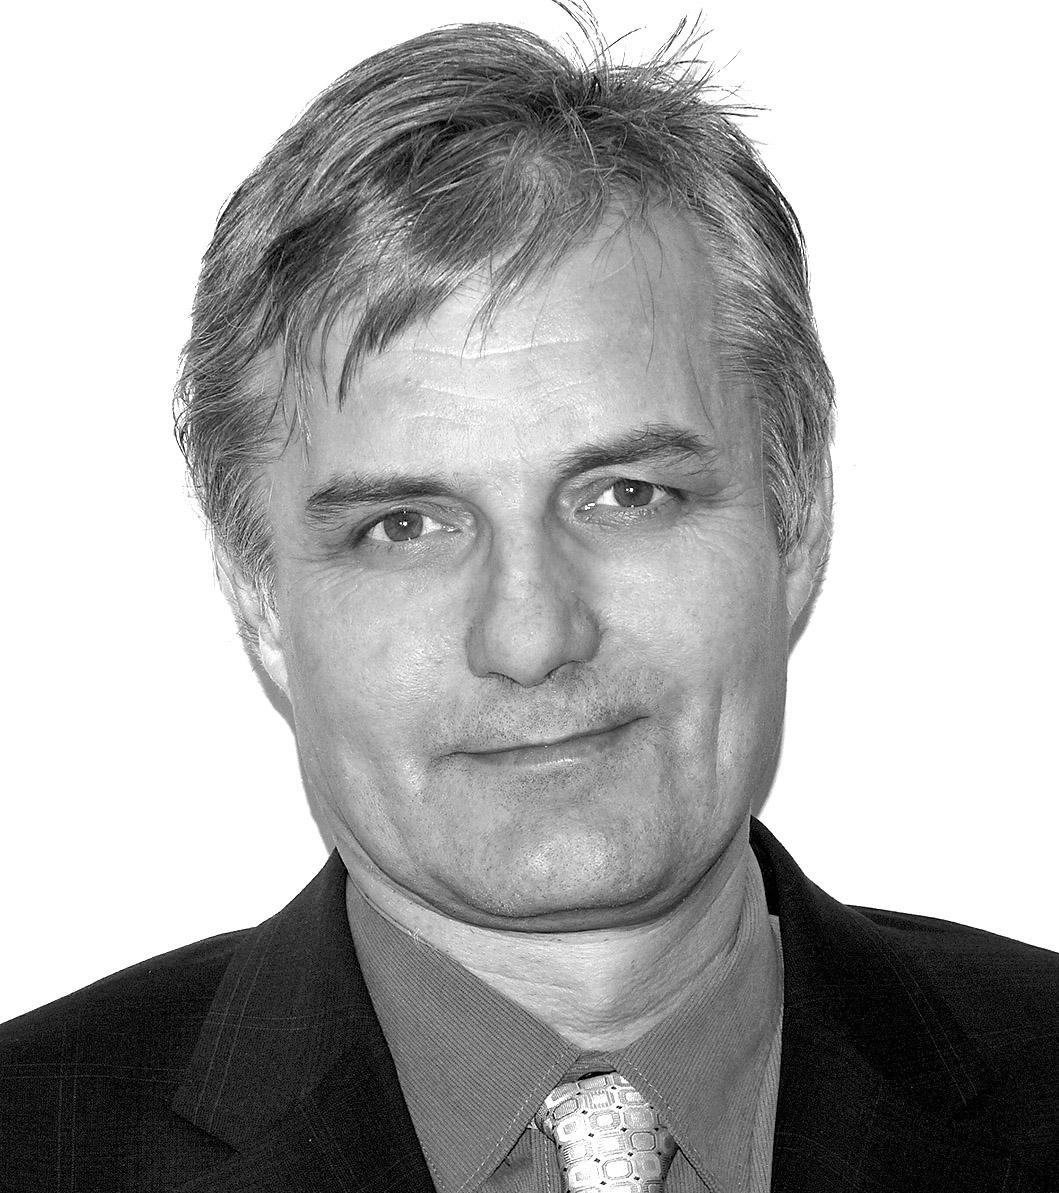 Wagner Ernő igazságügyi szakértő